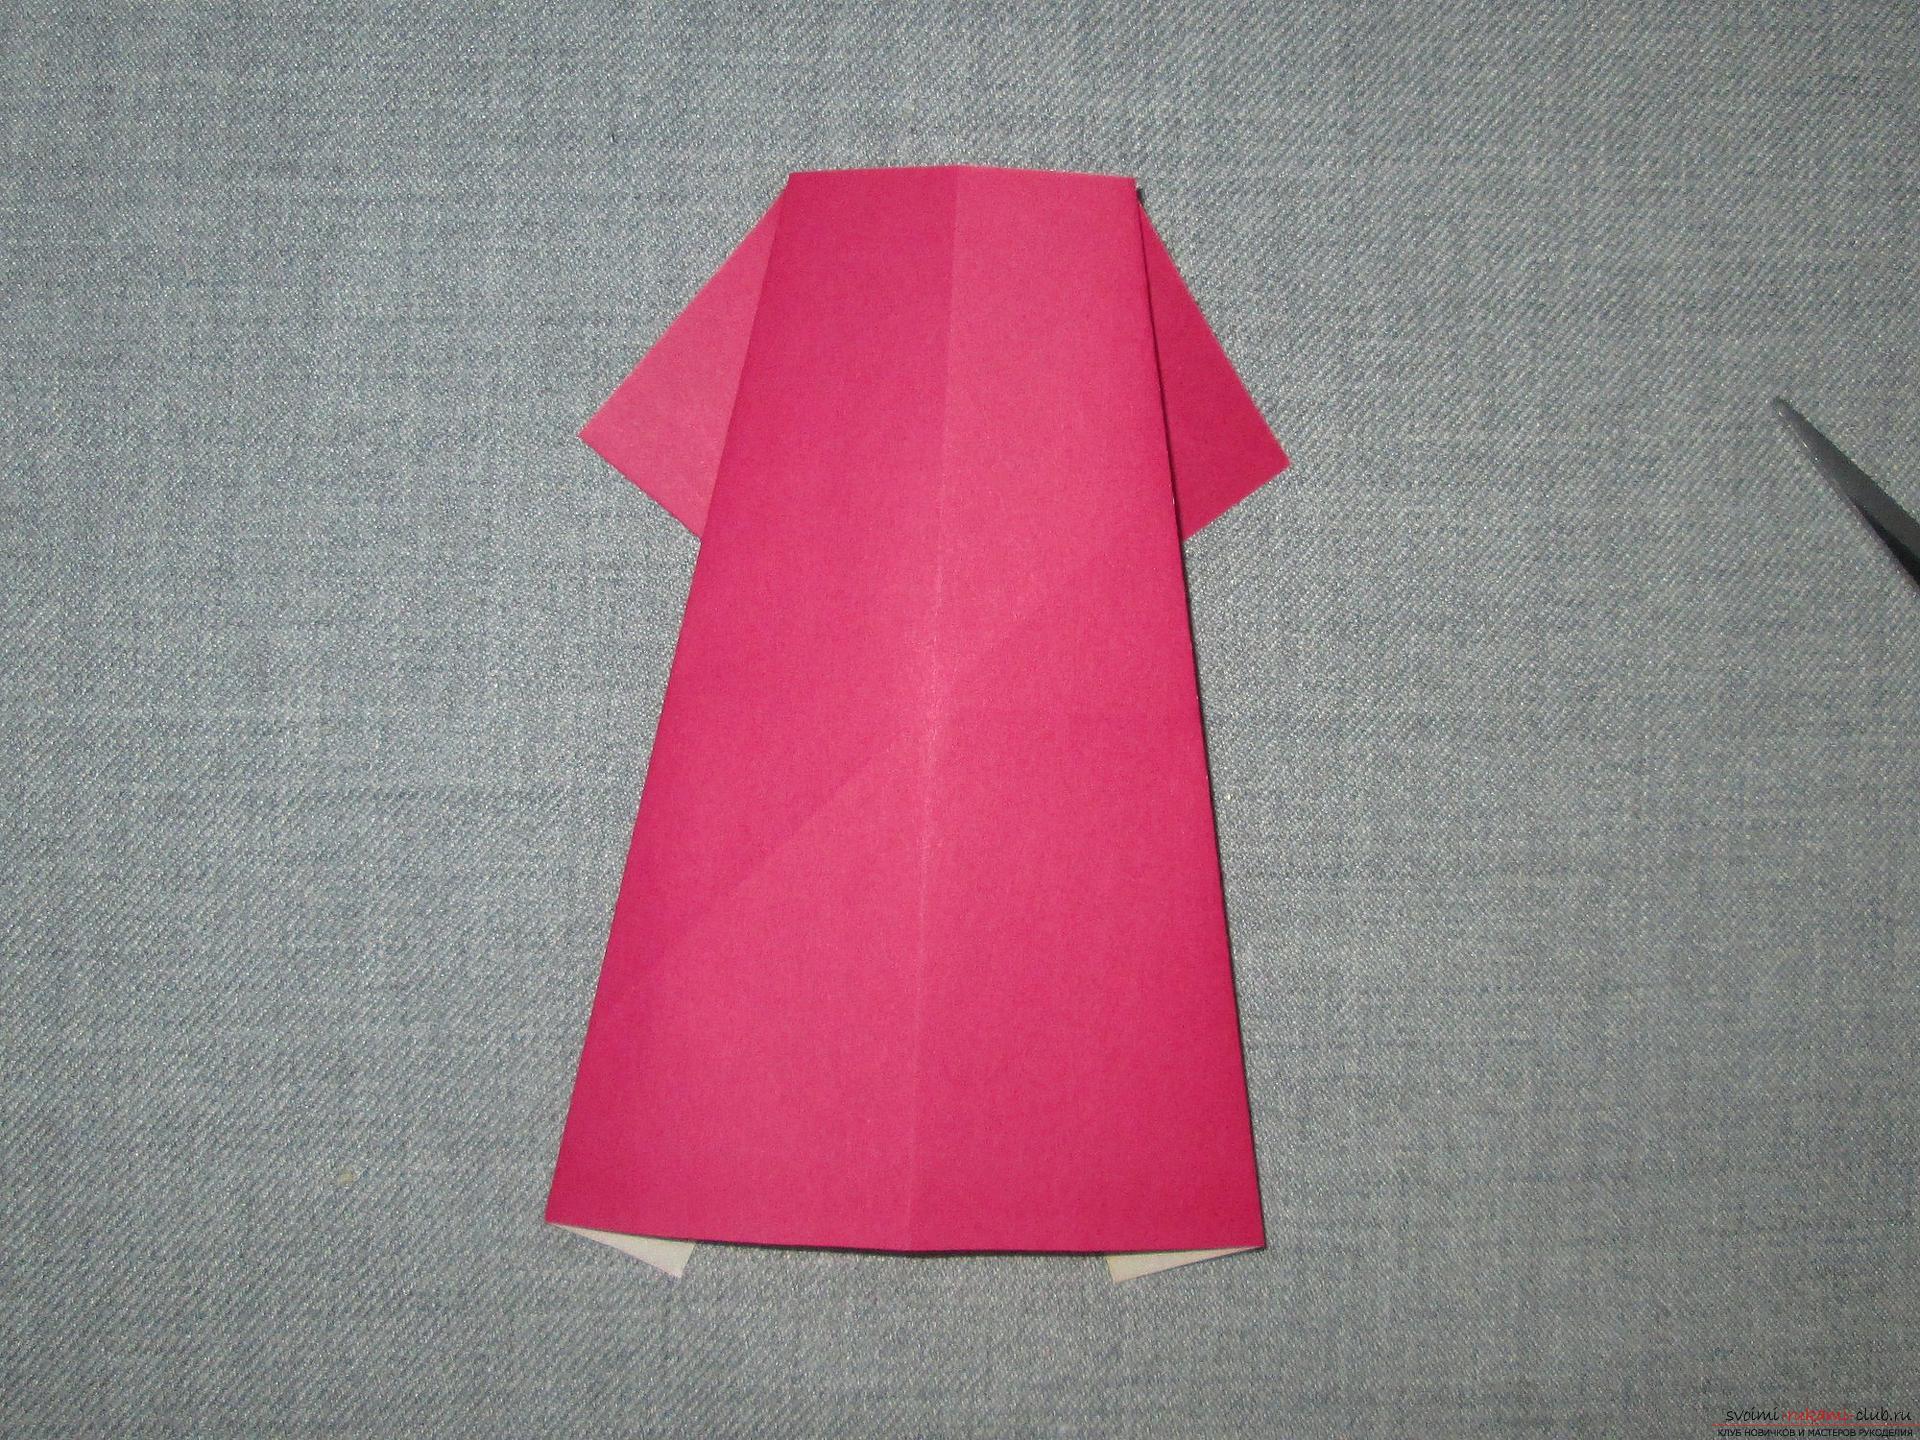 оригами платье из бумаги схема